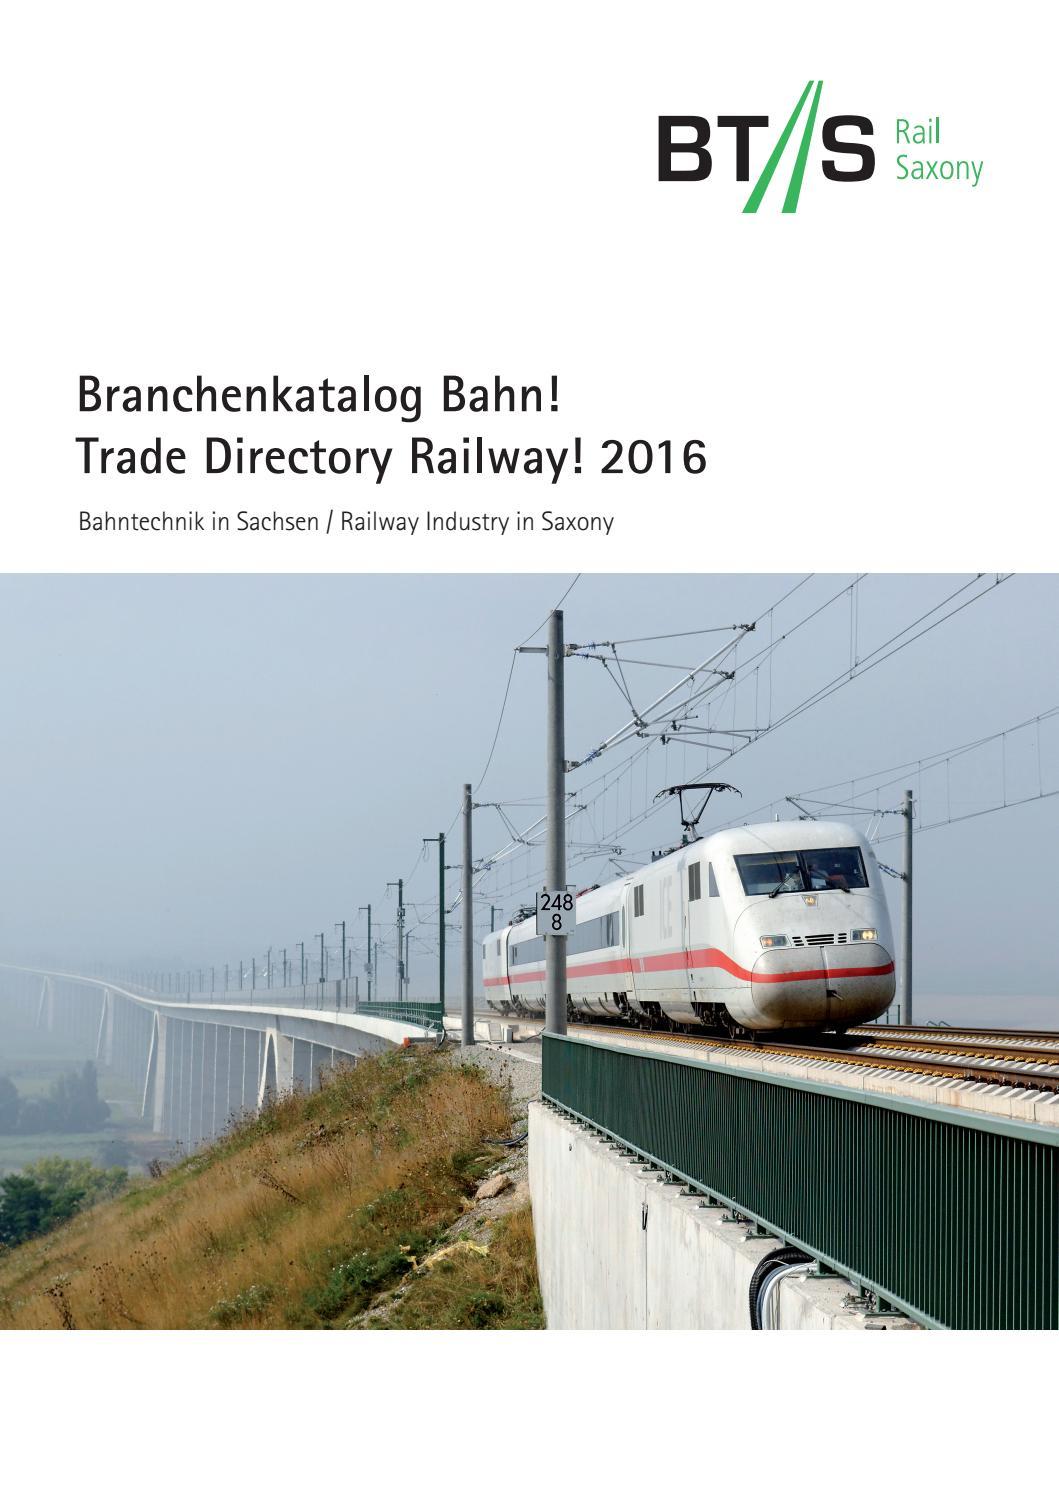 Branchenkatalog Bahn! 2016 by BTS Rail Saxony - issuu